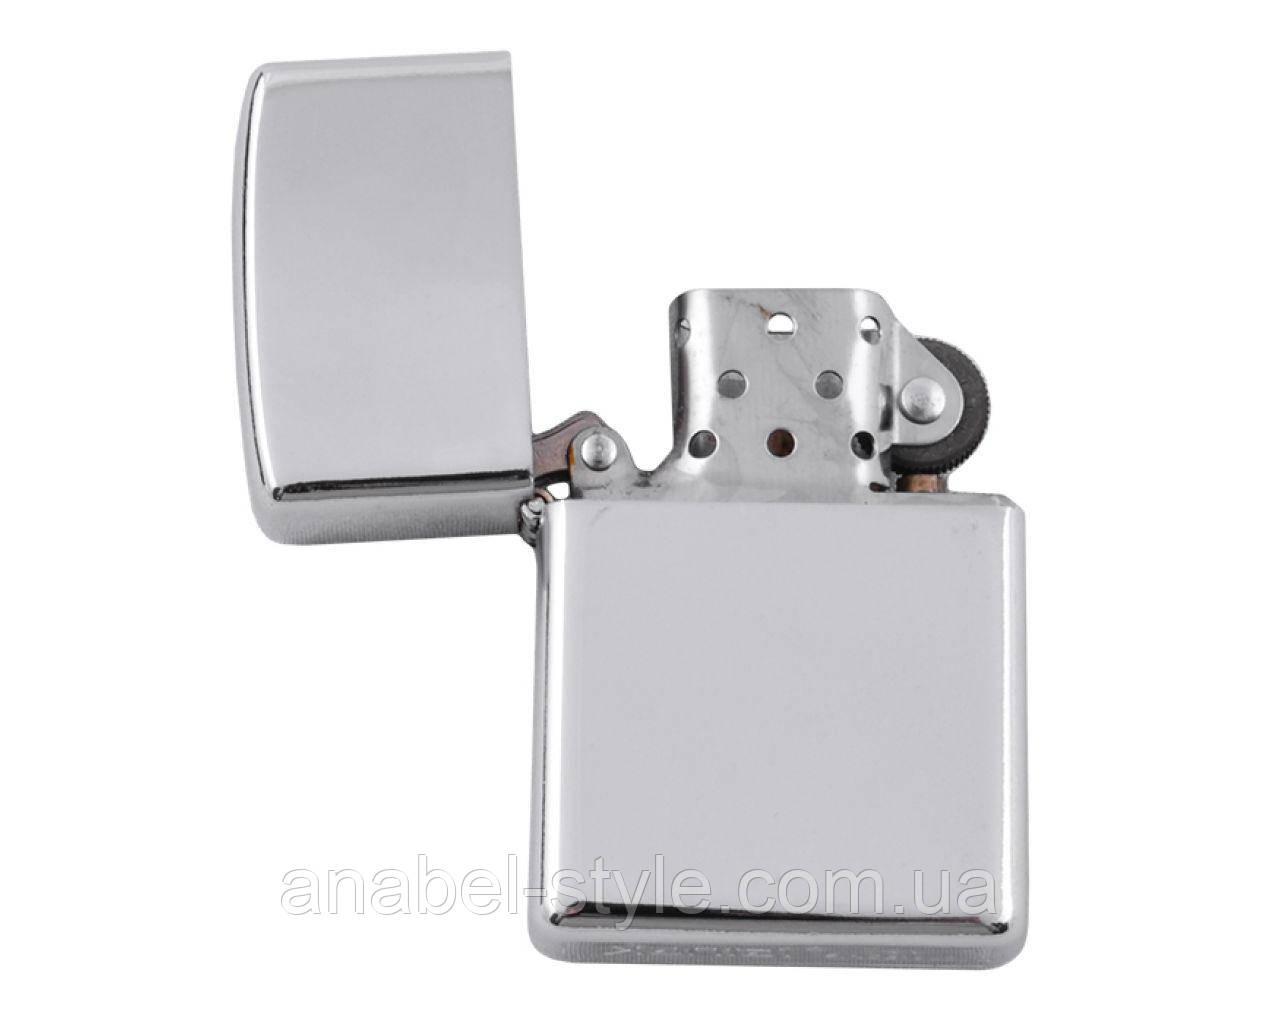 Зажигалка бензиновая настольная (Подарочная) №2120 Ср. (110х75х25 мм) Код 119901